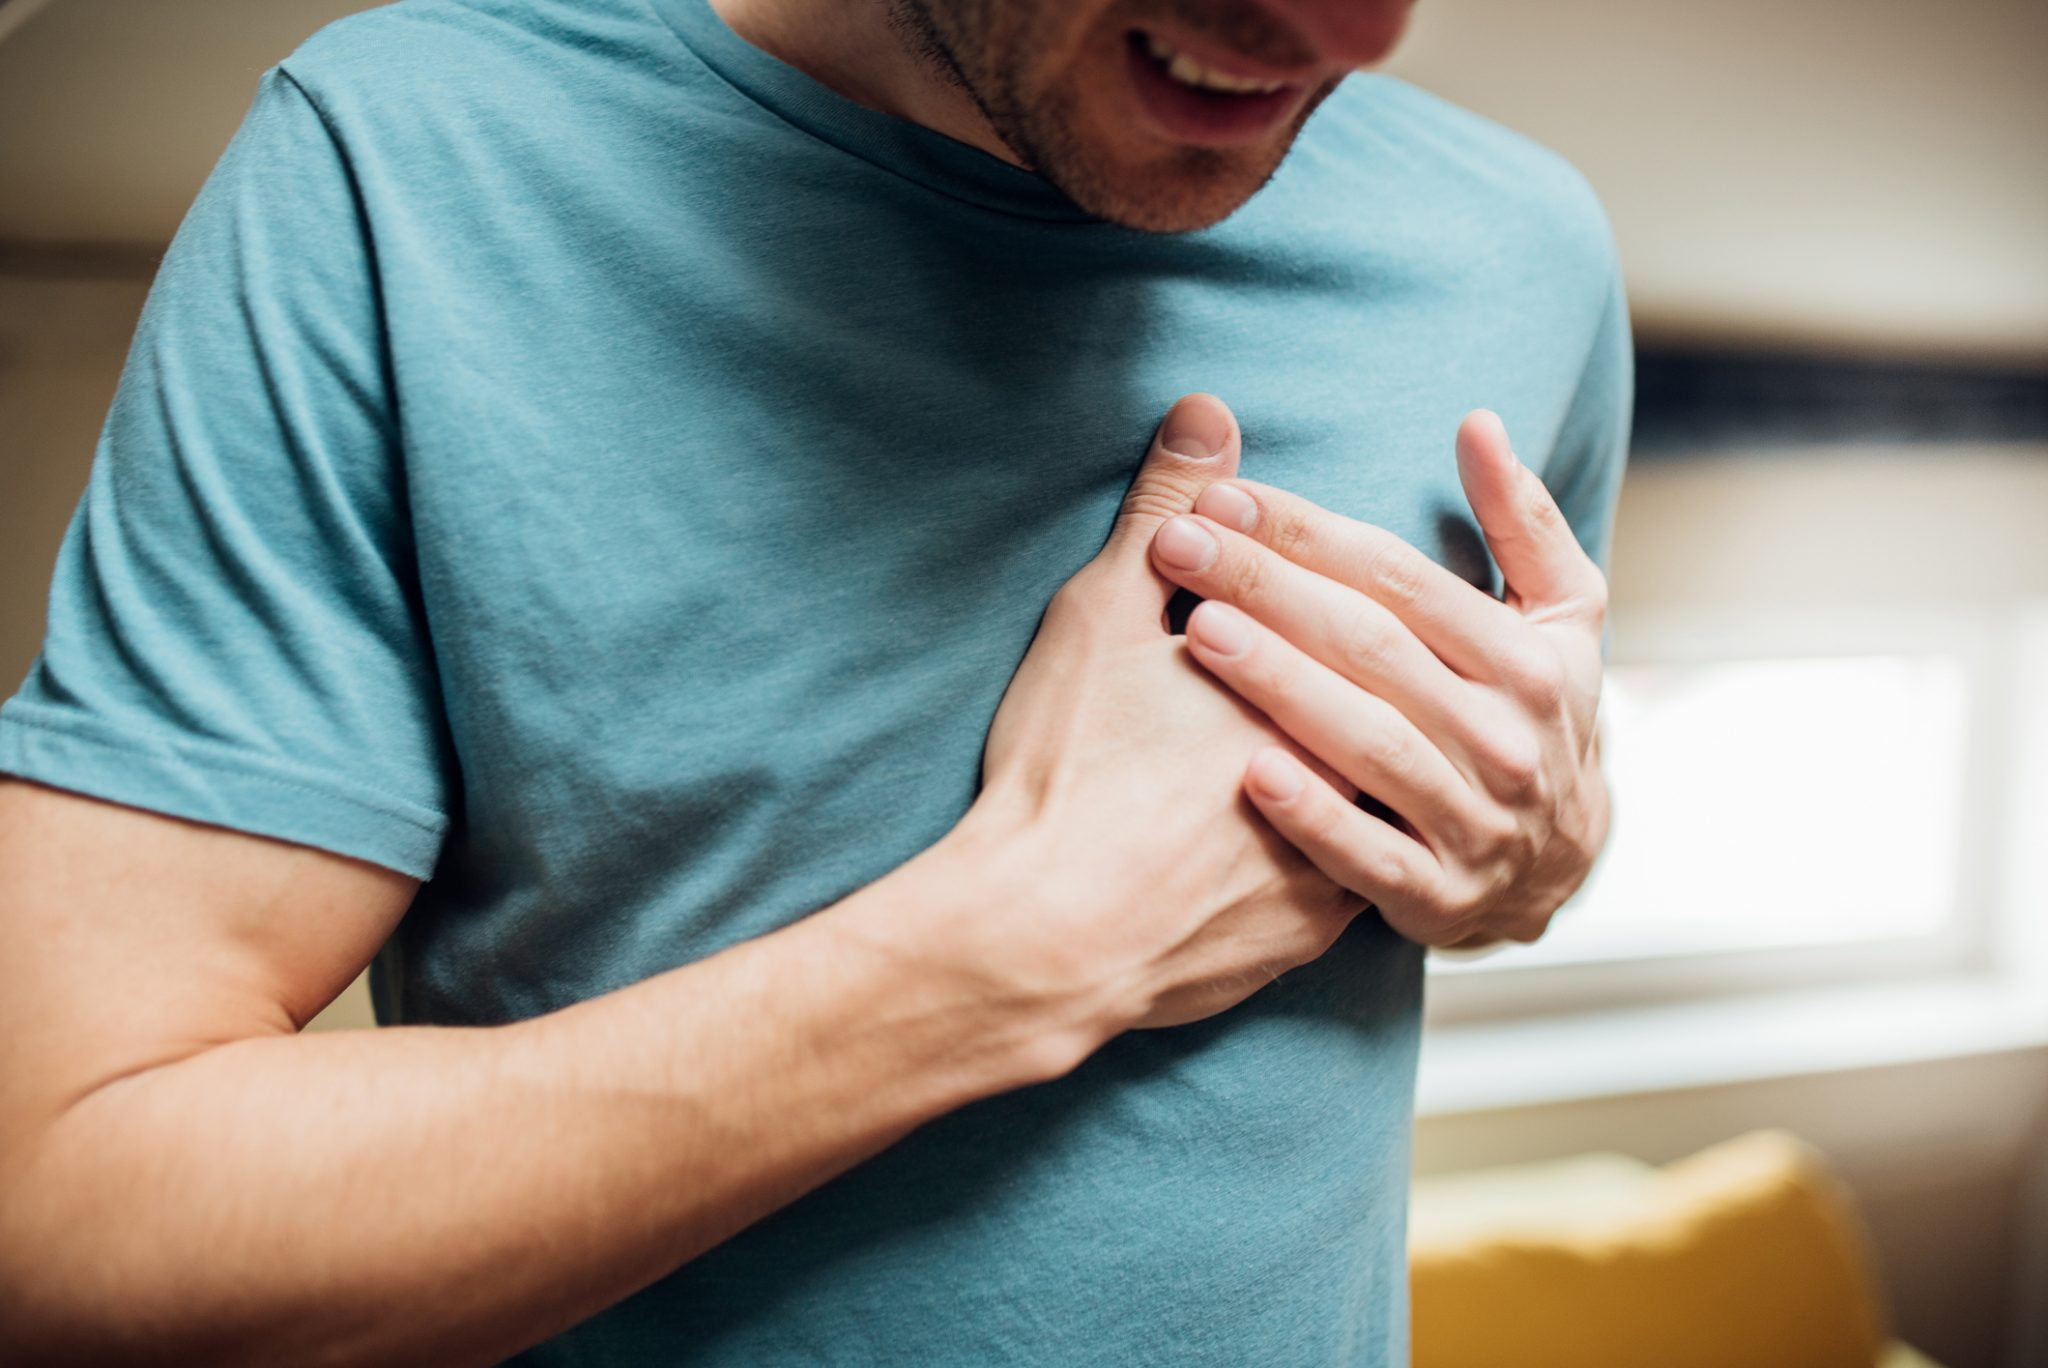 Szívinfarktus (szívroham) tünetei, diagnózisa és kezelése